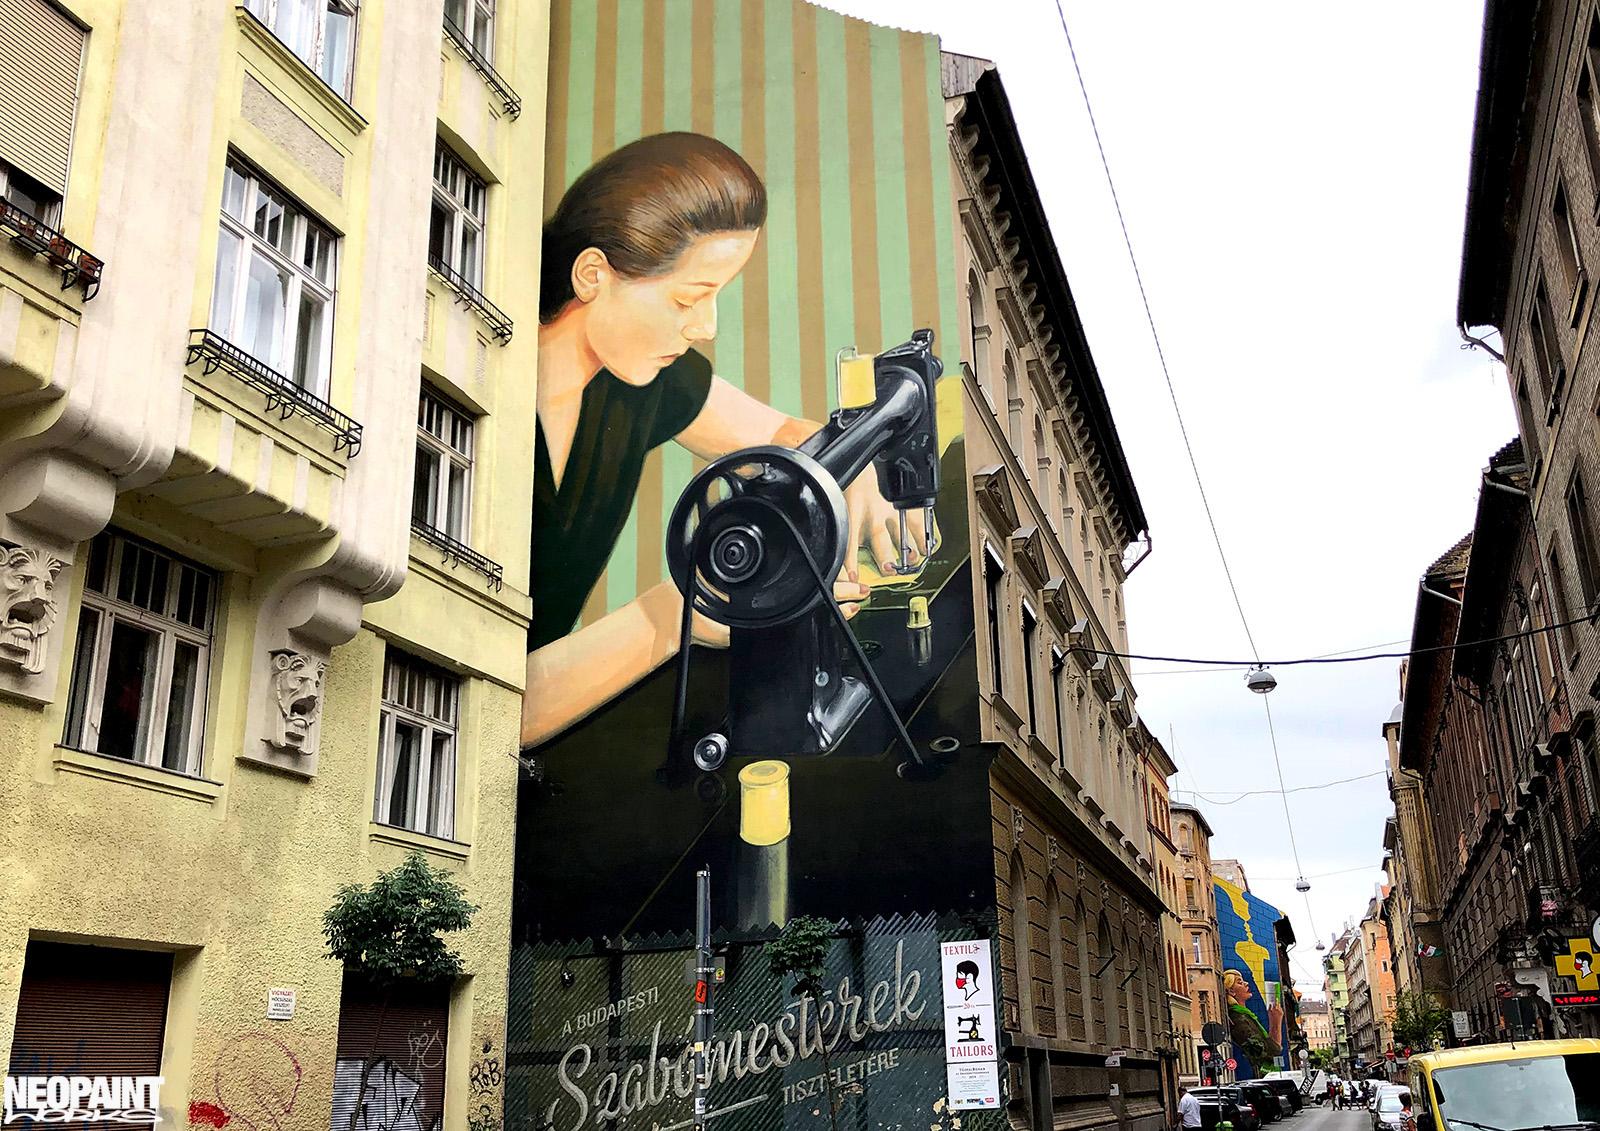 neopaint works - falfestmény utcán - varrónő